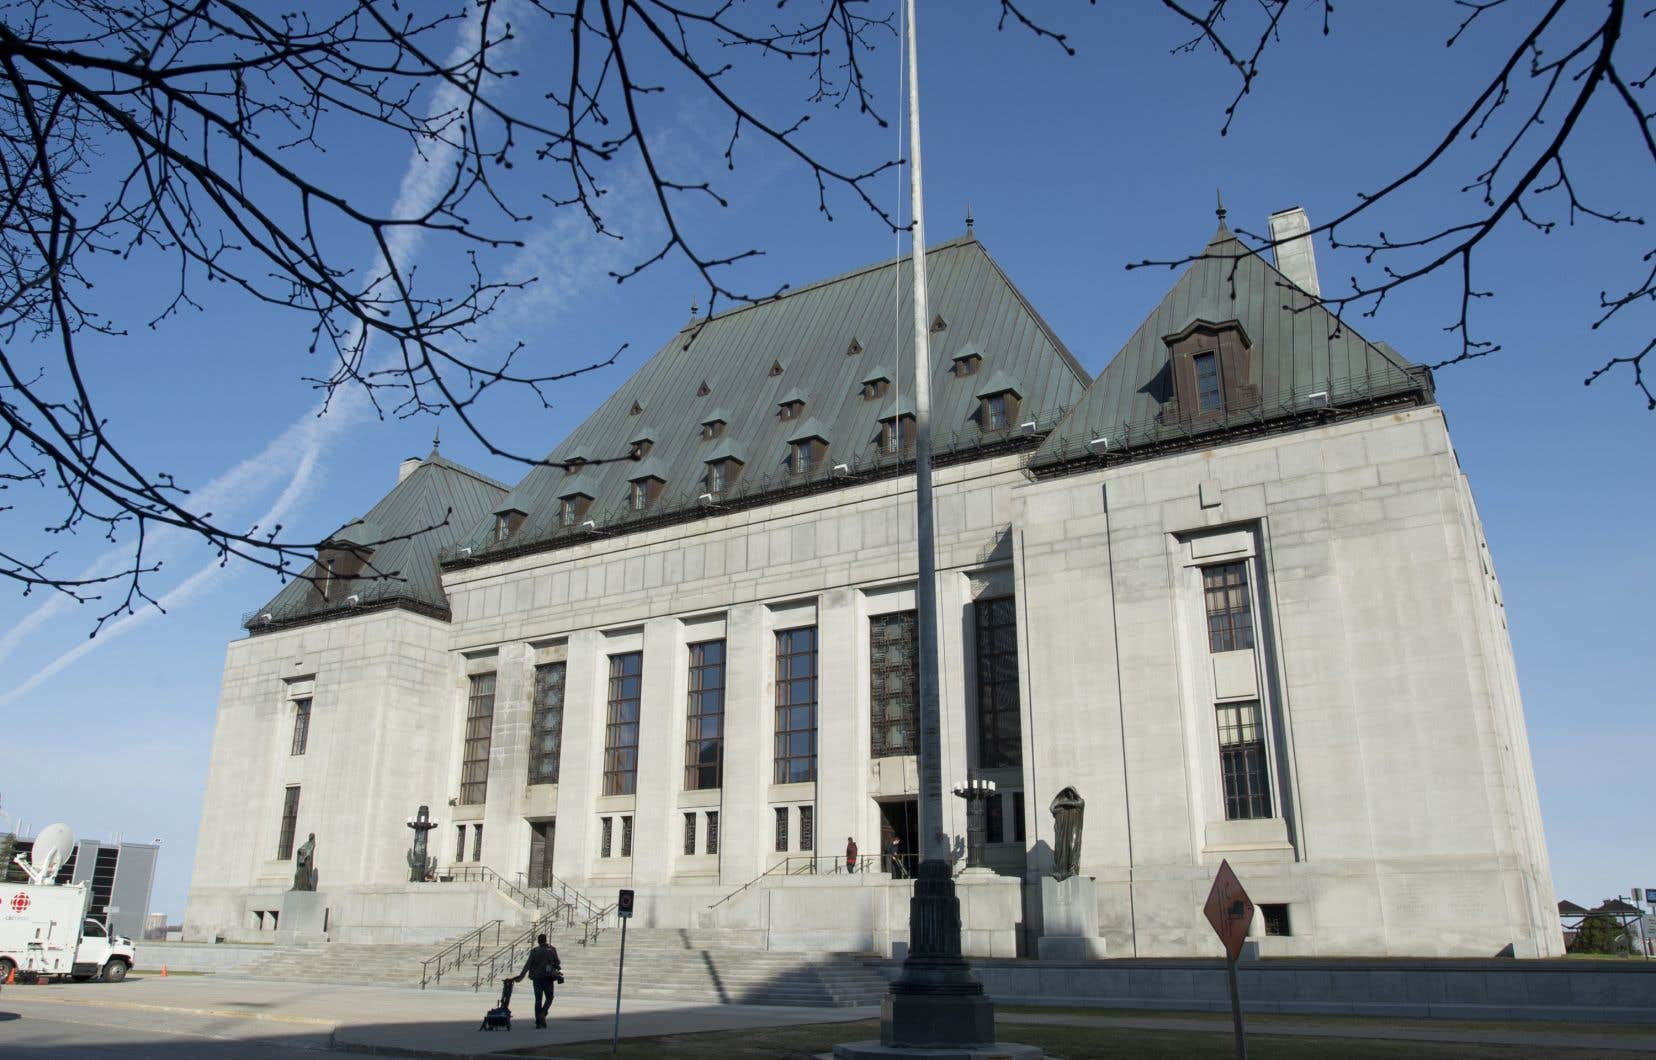 L'athéisme n'est pas une religion, estime la Cour suprême du Canada Image